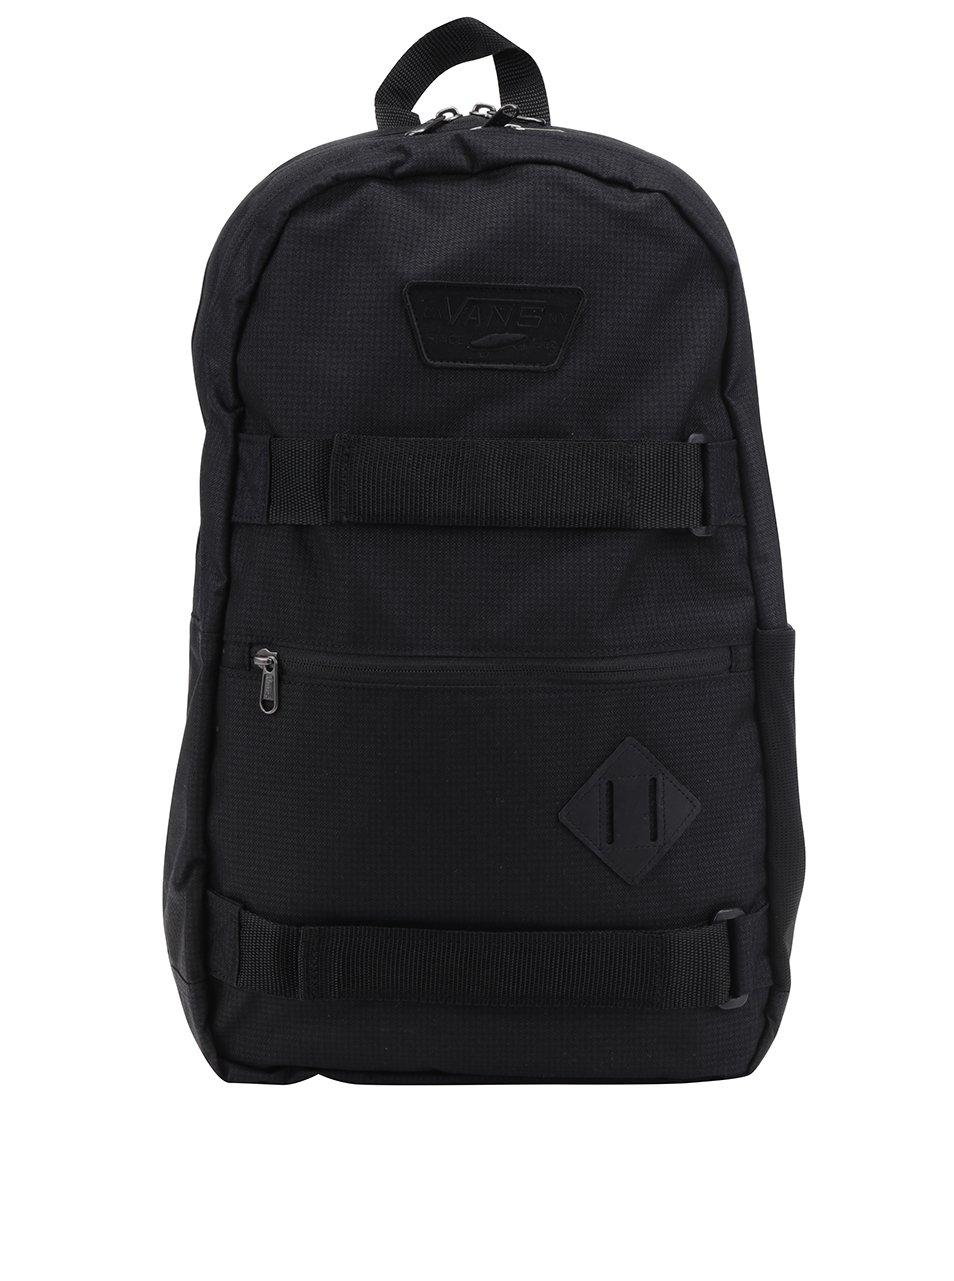 Černý unisex batoh VANS 23 l